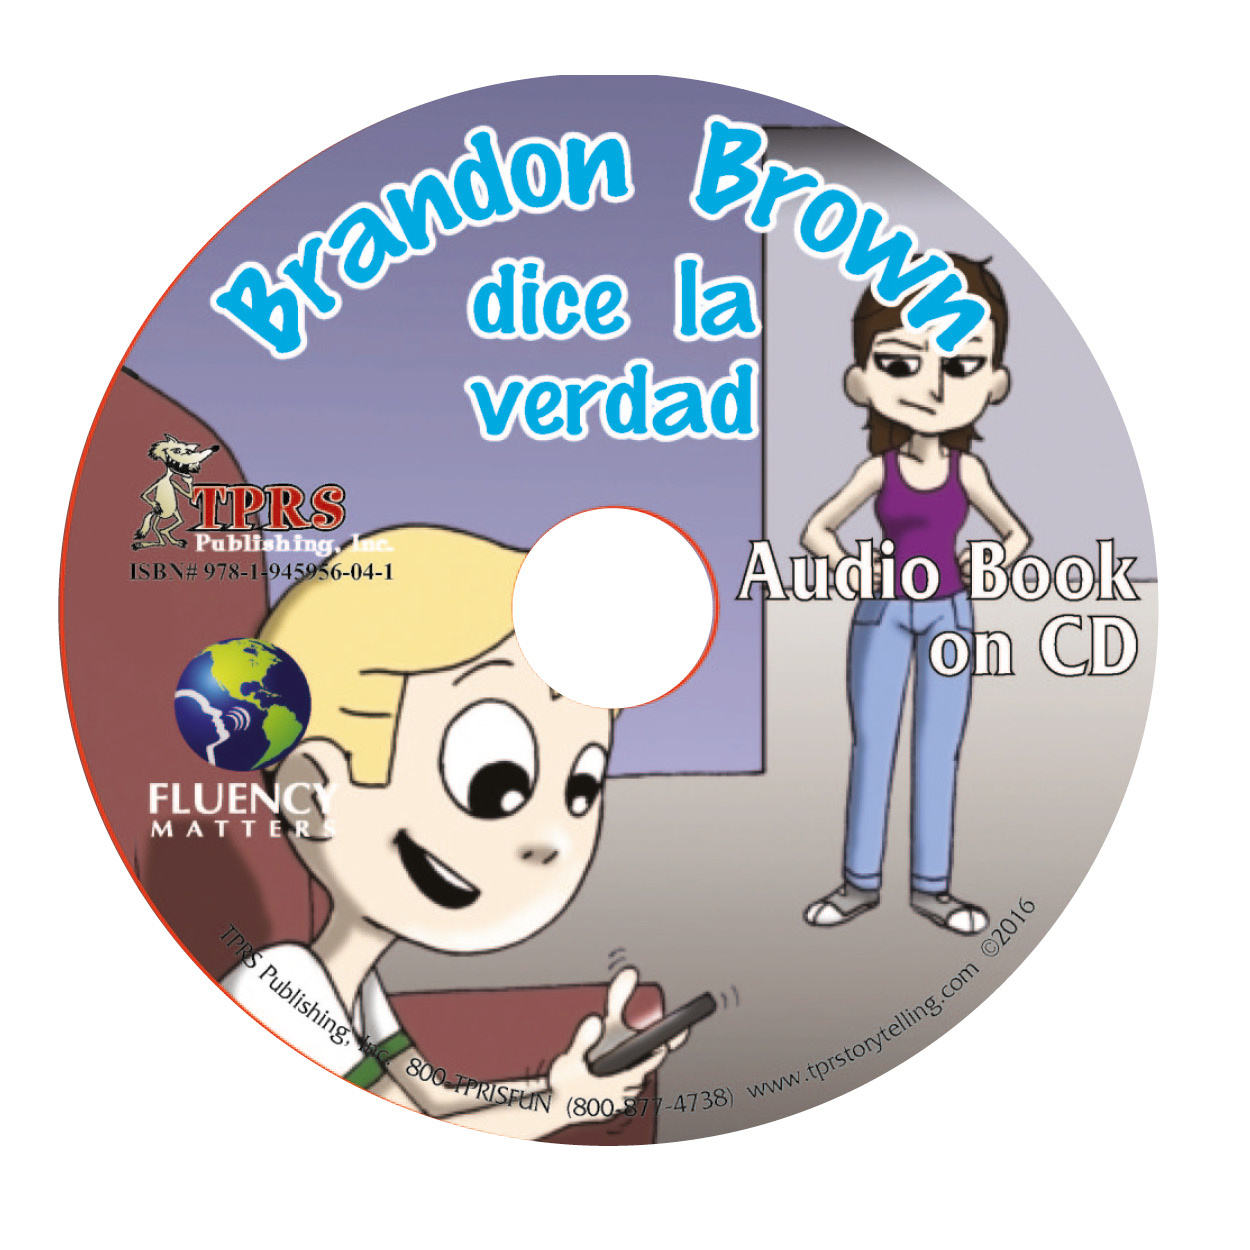 Brandon Brown dice la verdad - Luisterboek